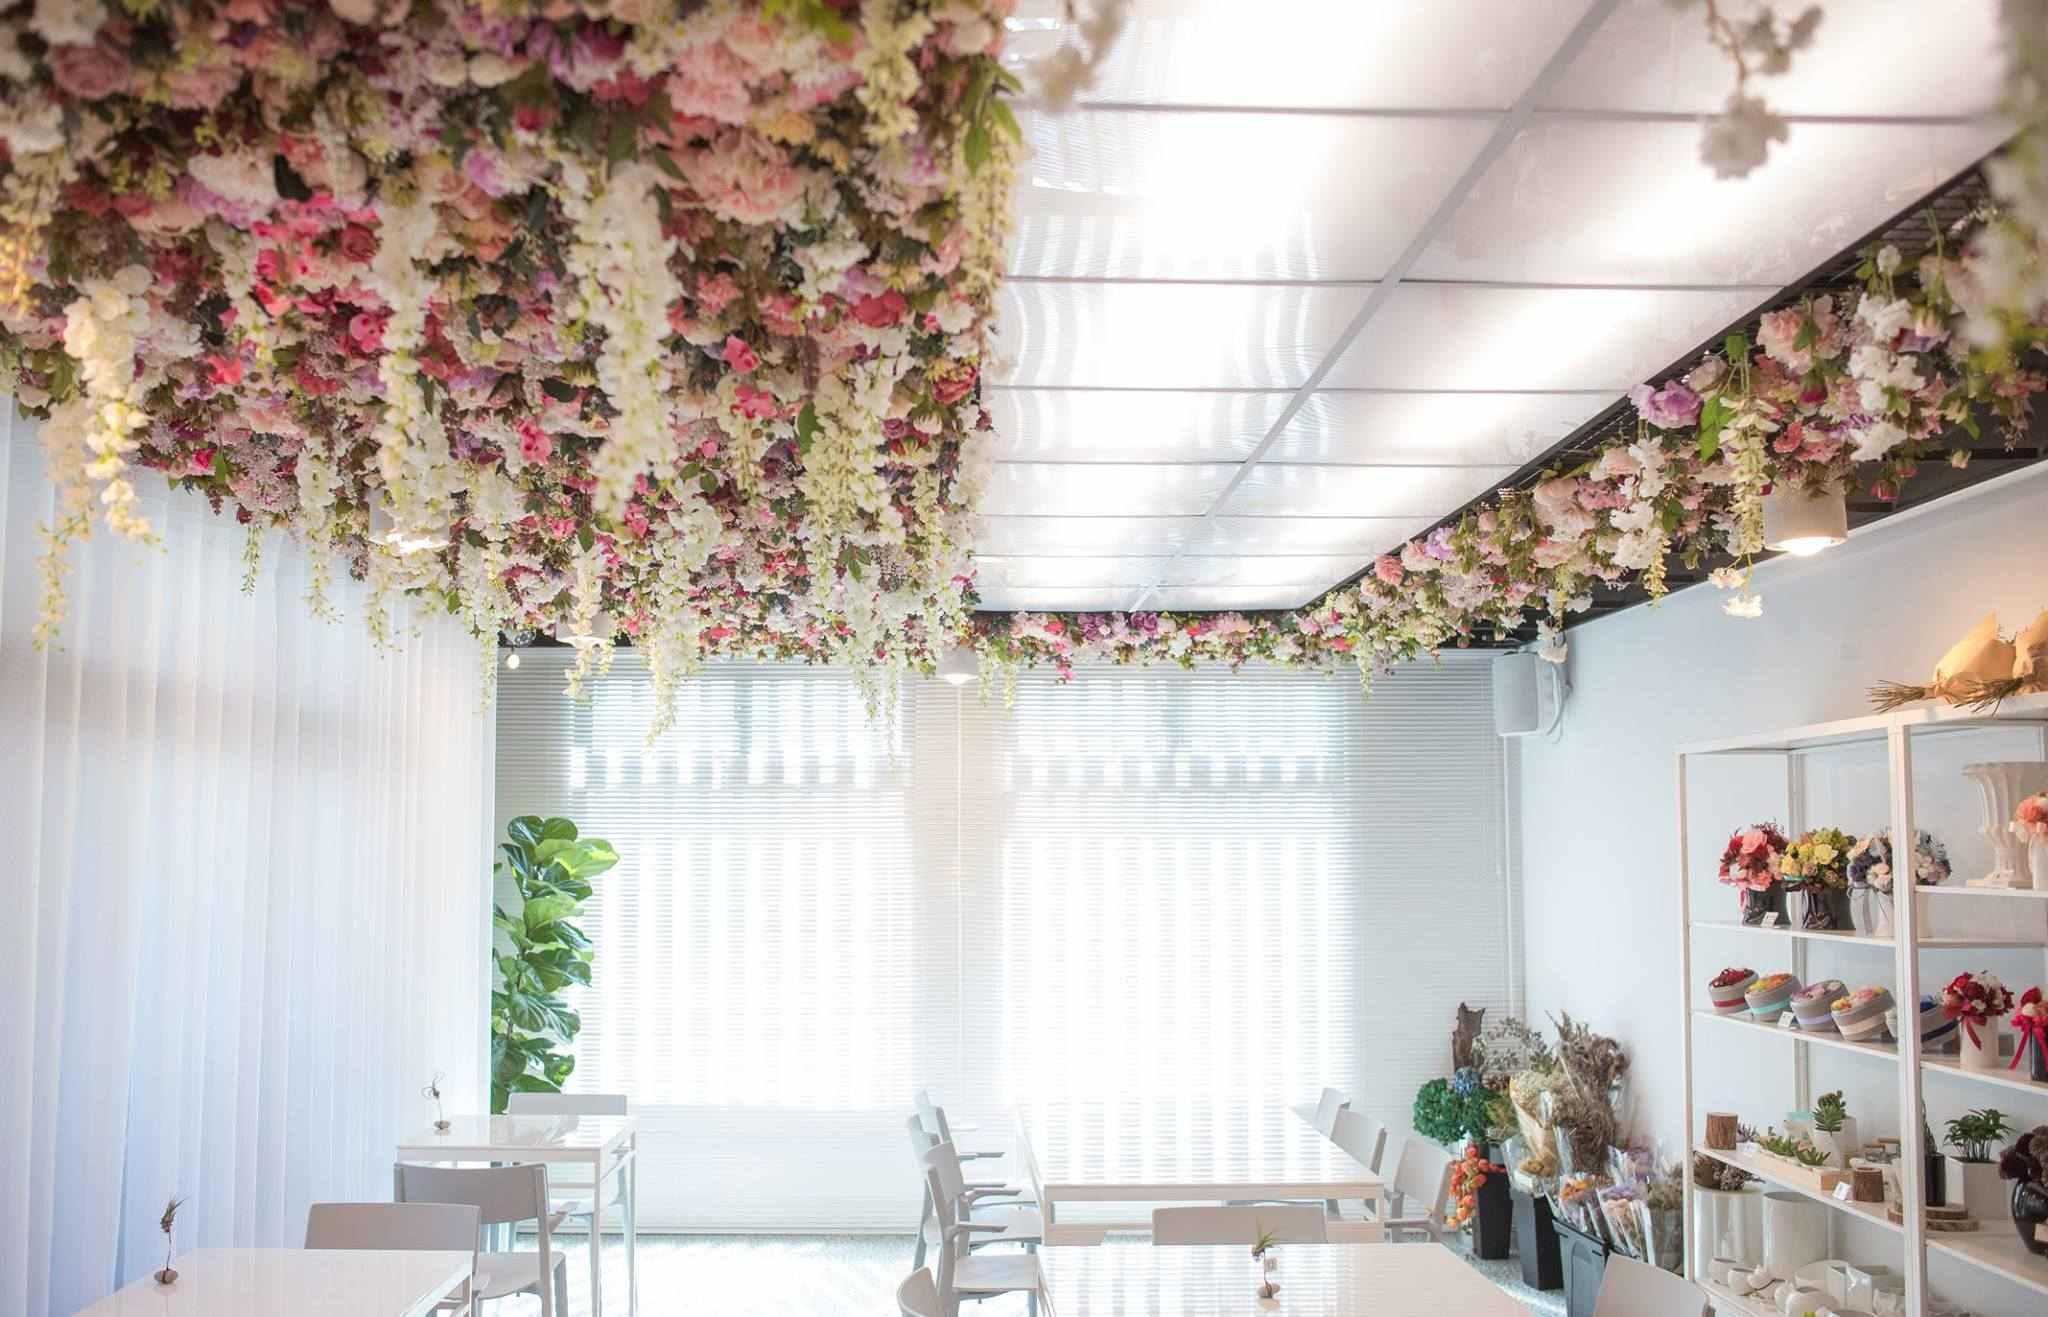 一上到二樓真的很驚訝,滿滿的花朵天空和純白的背景相互輝映,非常浪漫也超級好拍的!